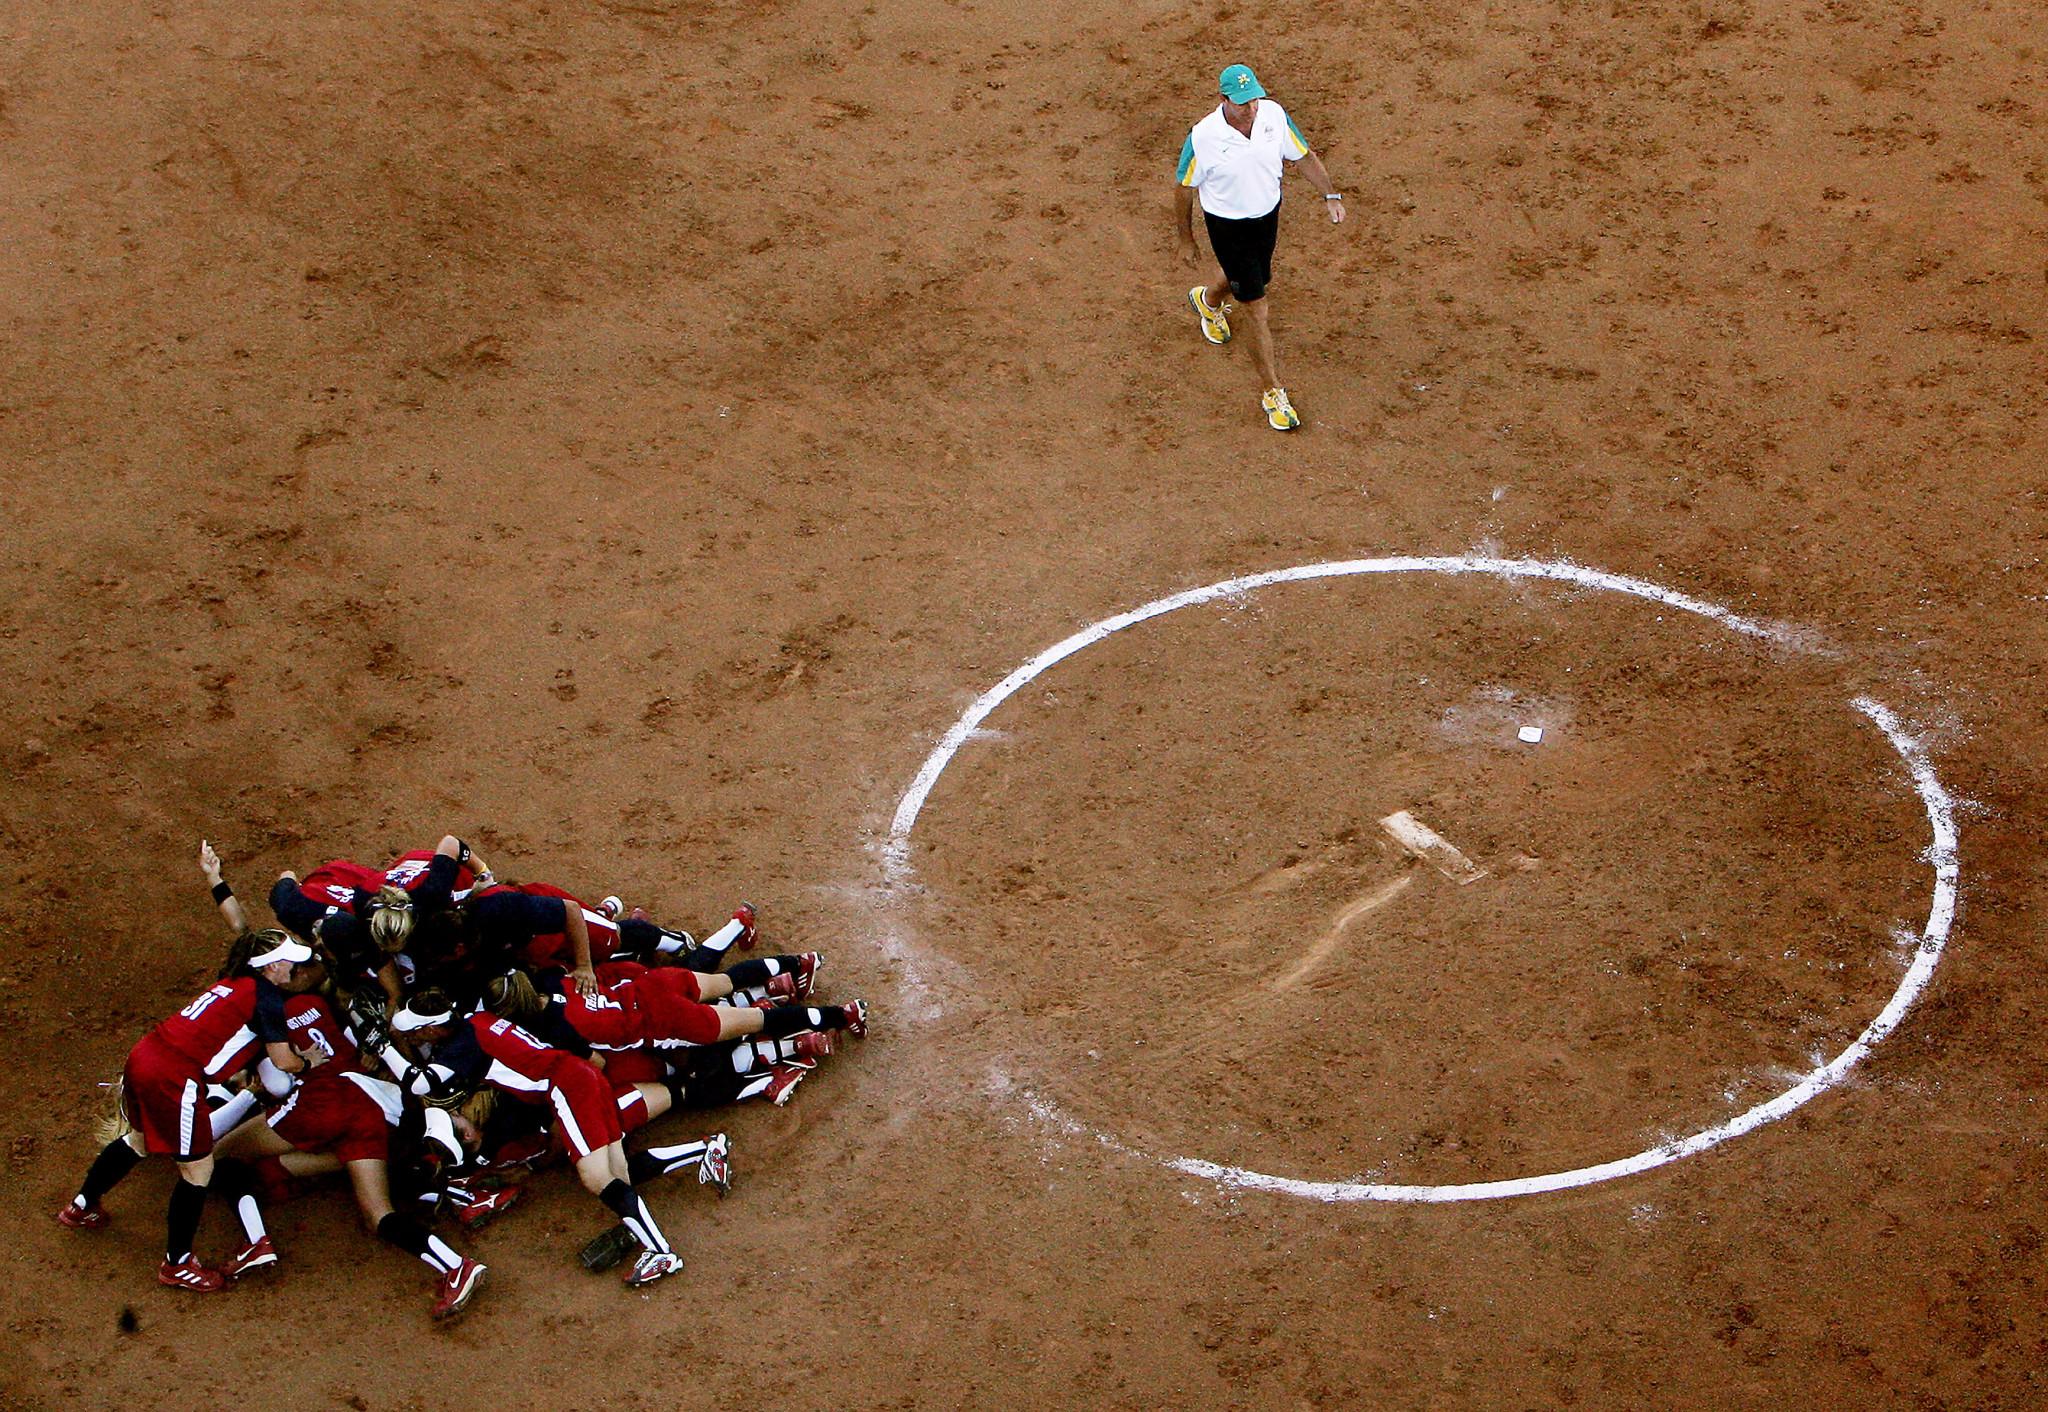 Getty Images ha ganado tres de los cuatro torneos olímpicos de softbol anteriores de los Estados Unidos.